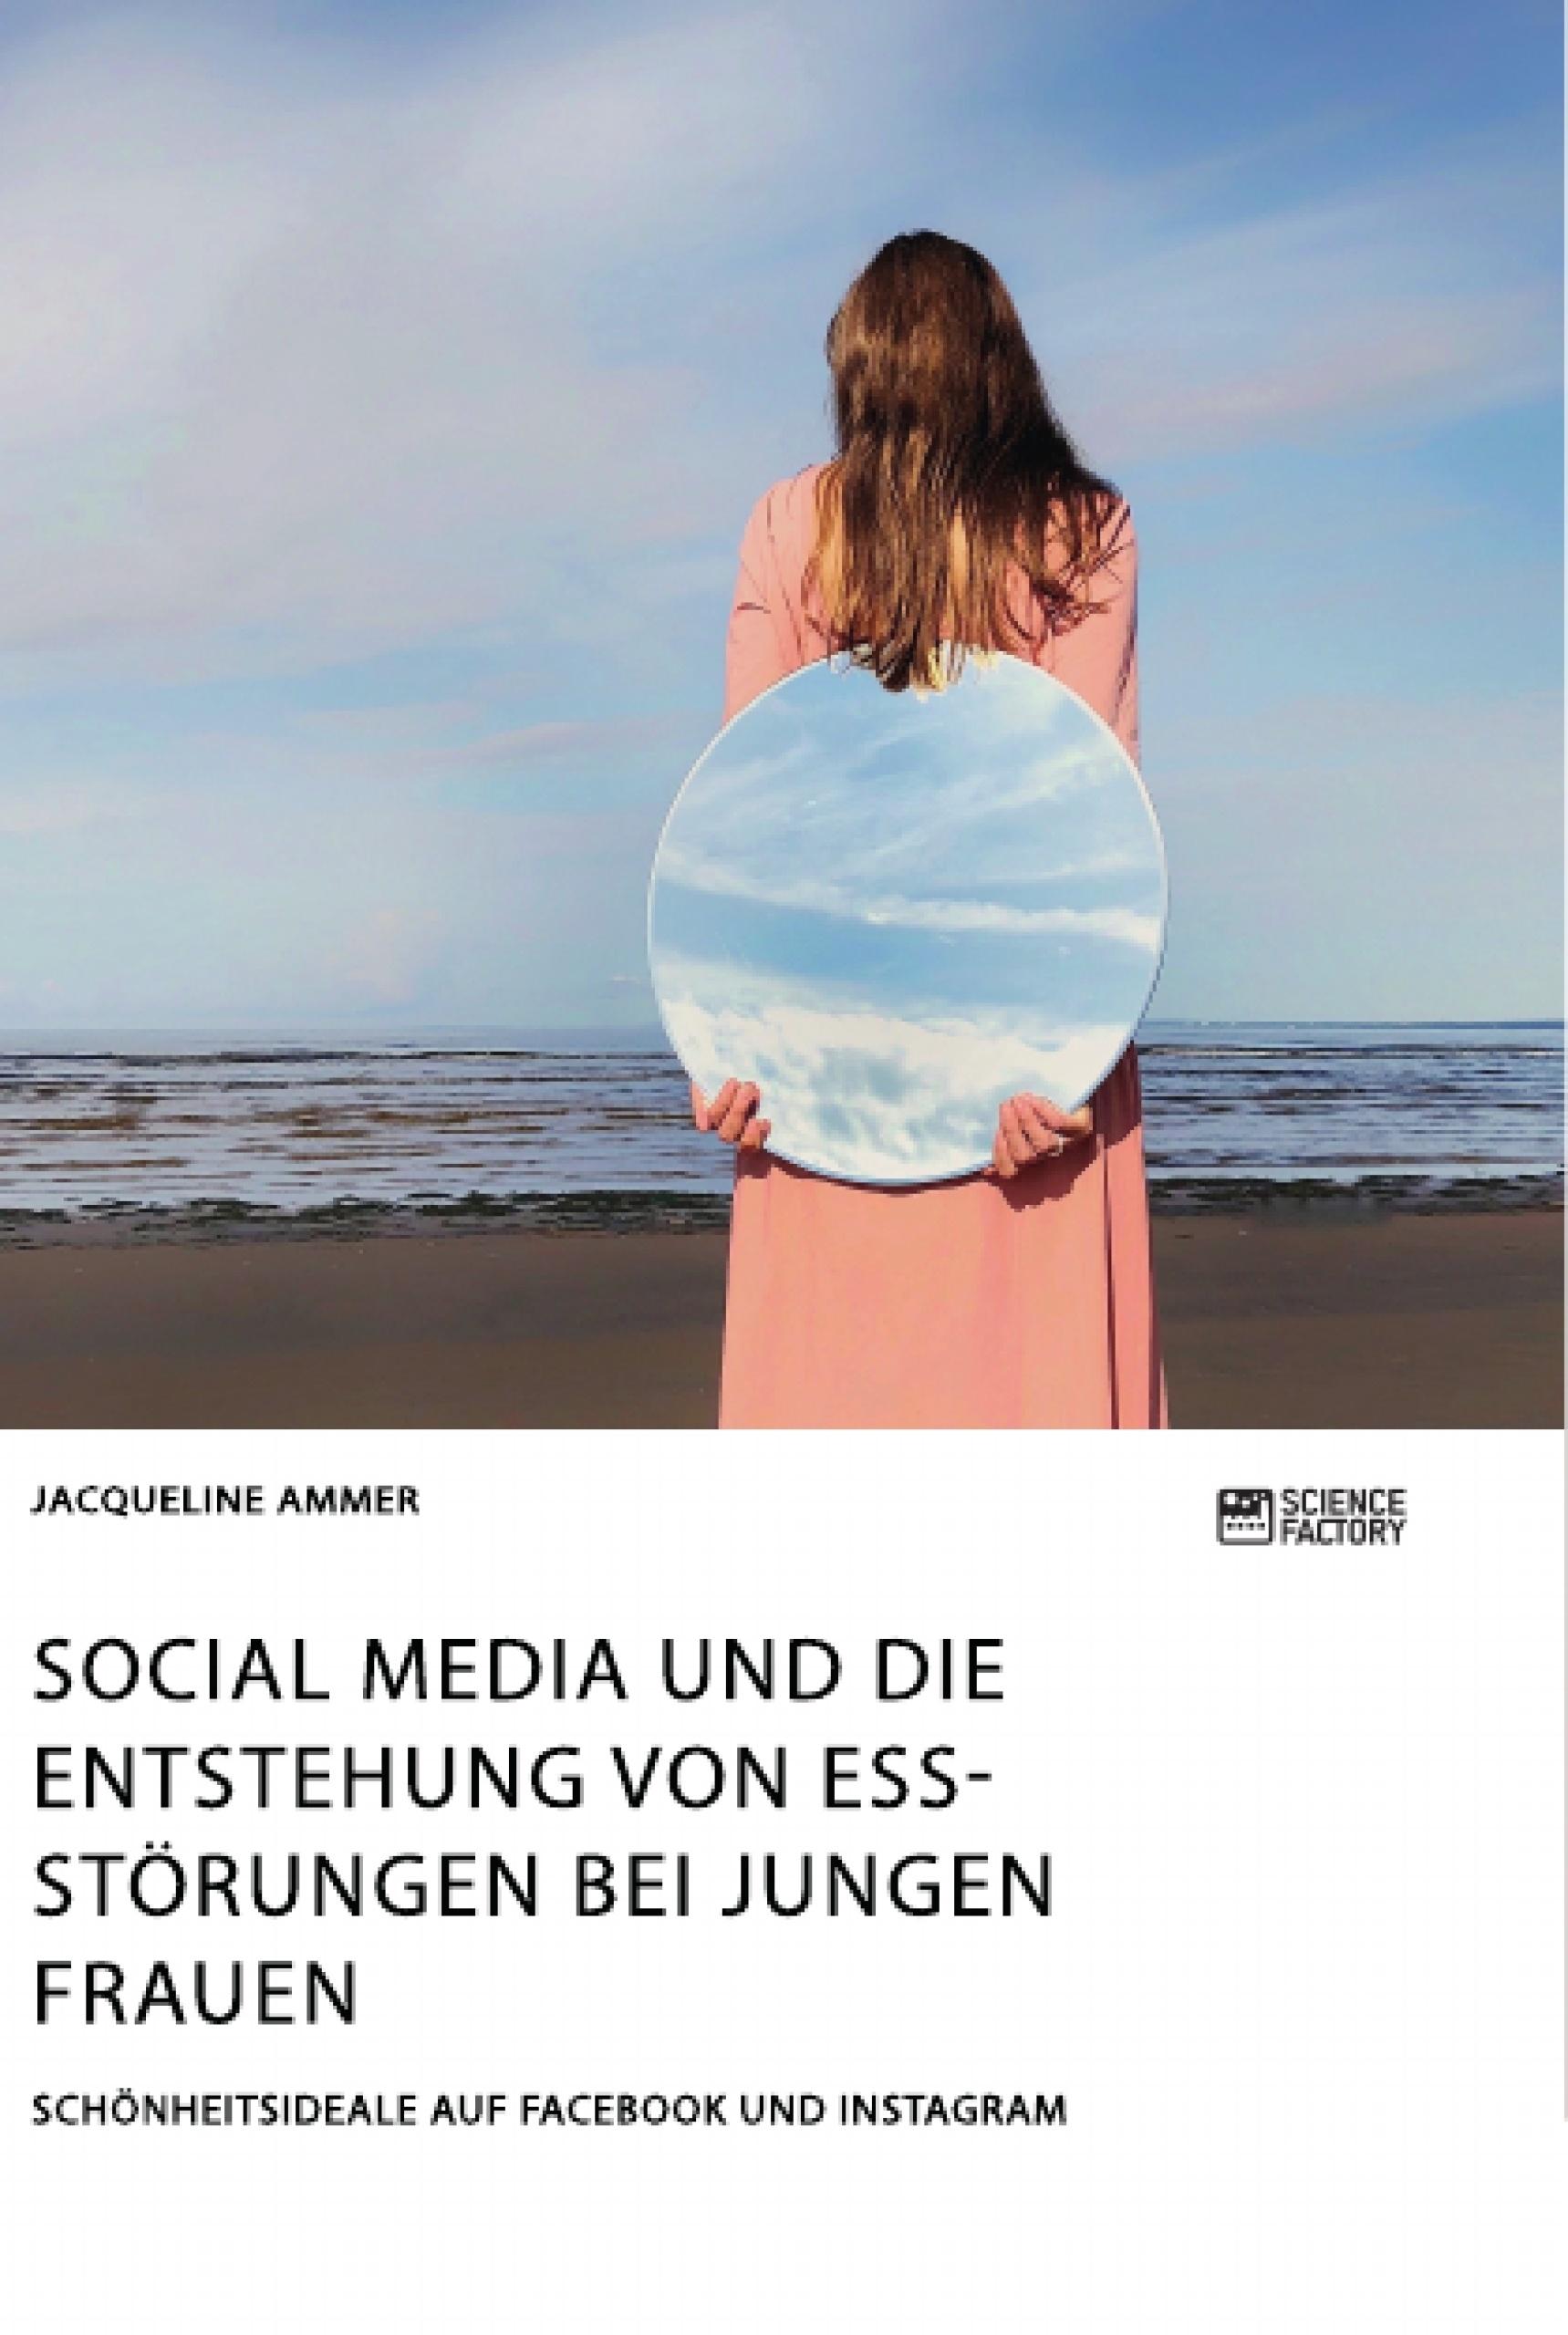 Titel: Social Media und die Entstehung von Essstörungen bei jungen Frauen. Schönheitsideale auf Facebook und Instagram